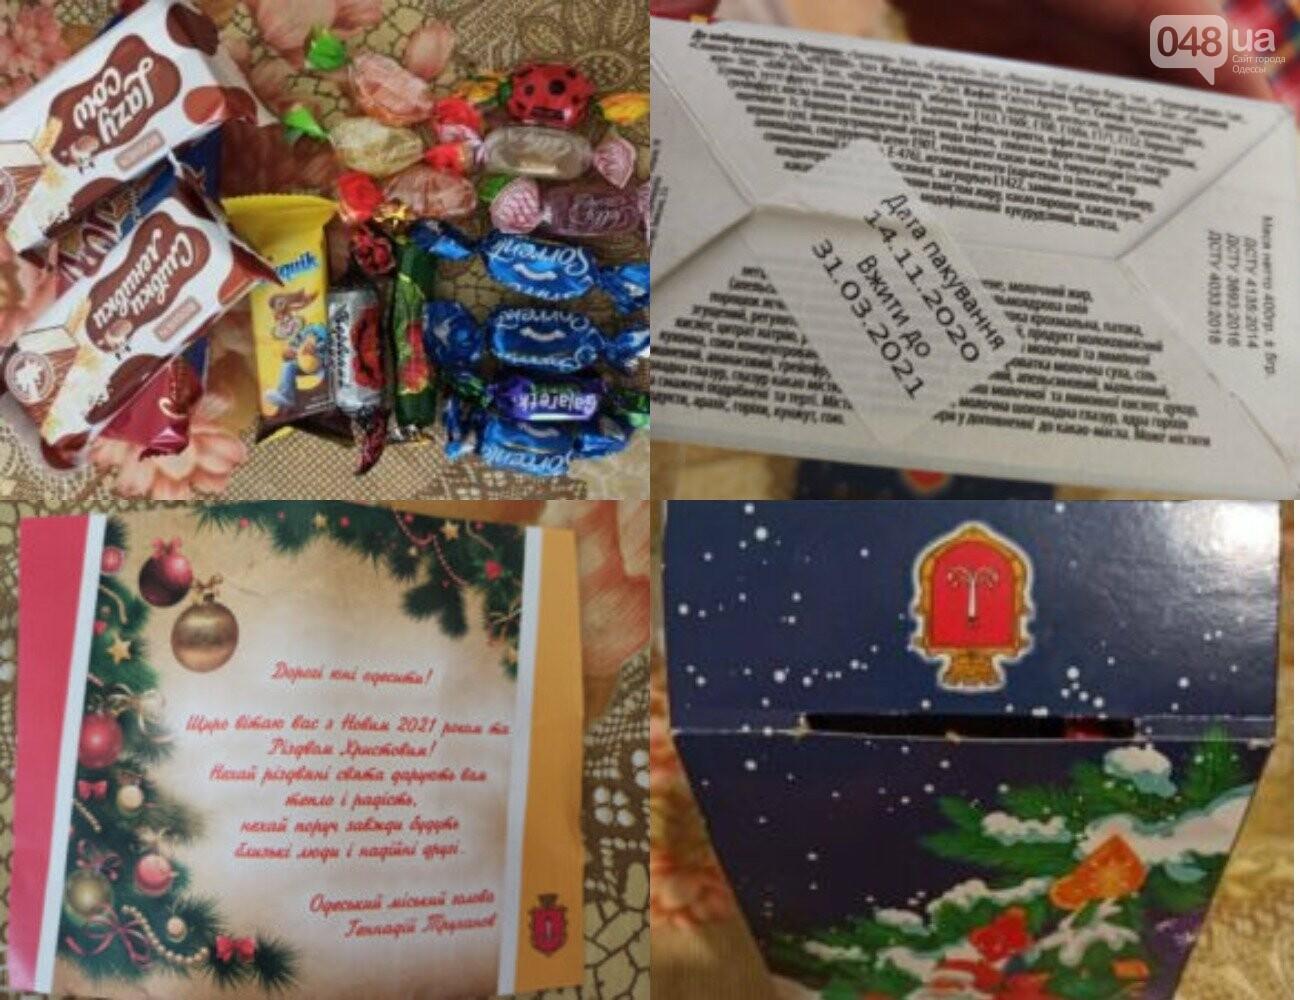 За бюджетные деньги одесским сиротам подарили дешевые конфеты с открыткой от мера,- ФОТО, фото-1